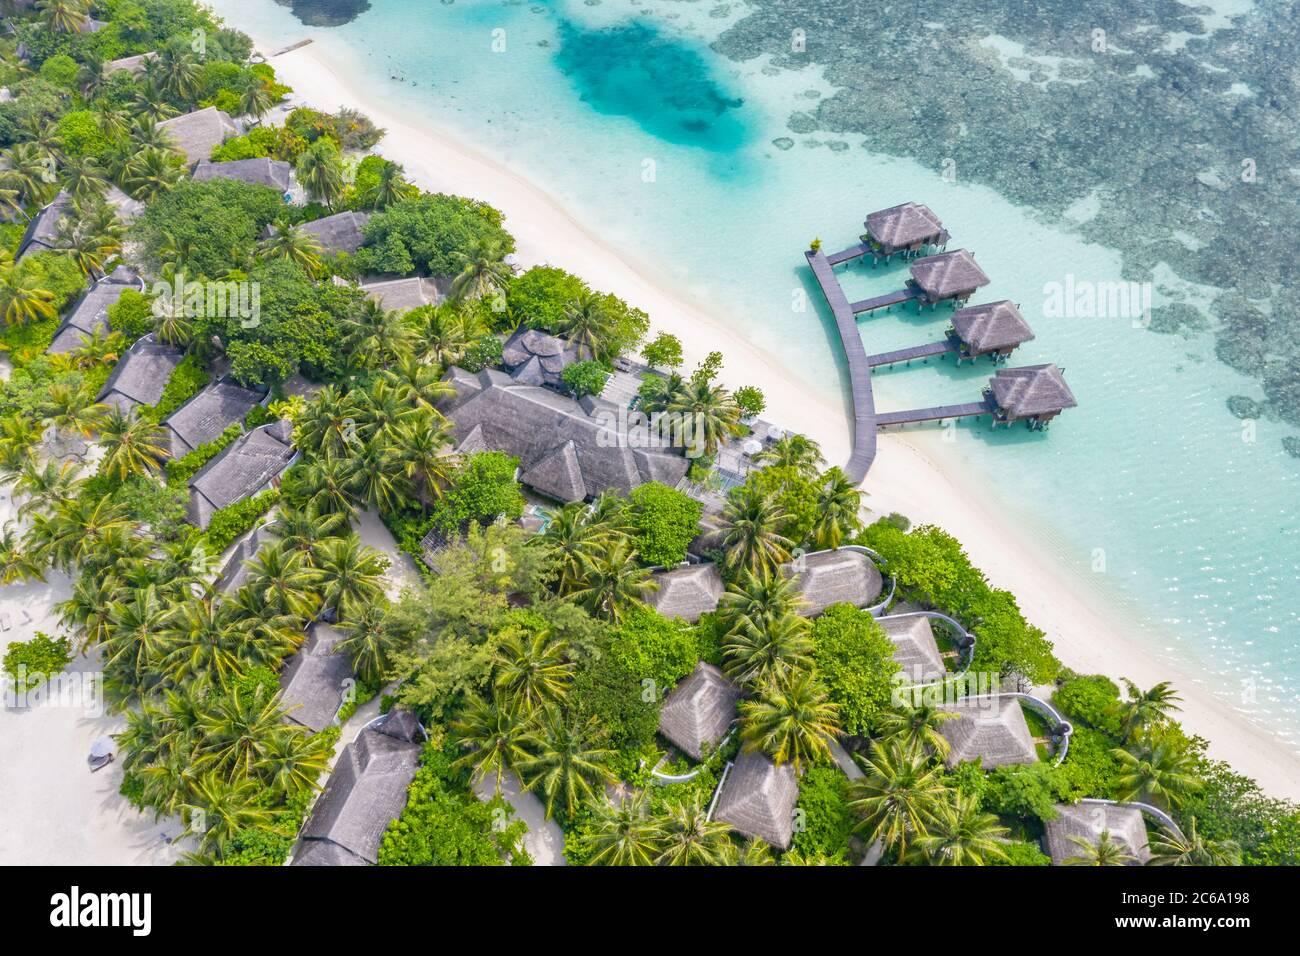 Perfecto paisaje aéreo, lujoso complejo tropical u hotel con villas acuáticas y un hermoso paisaje de playa. Vista increíble de pájaro en Maldivas, paisaje Foto de stock